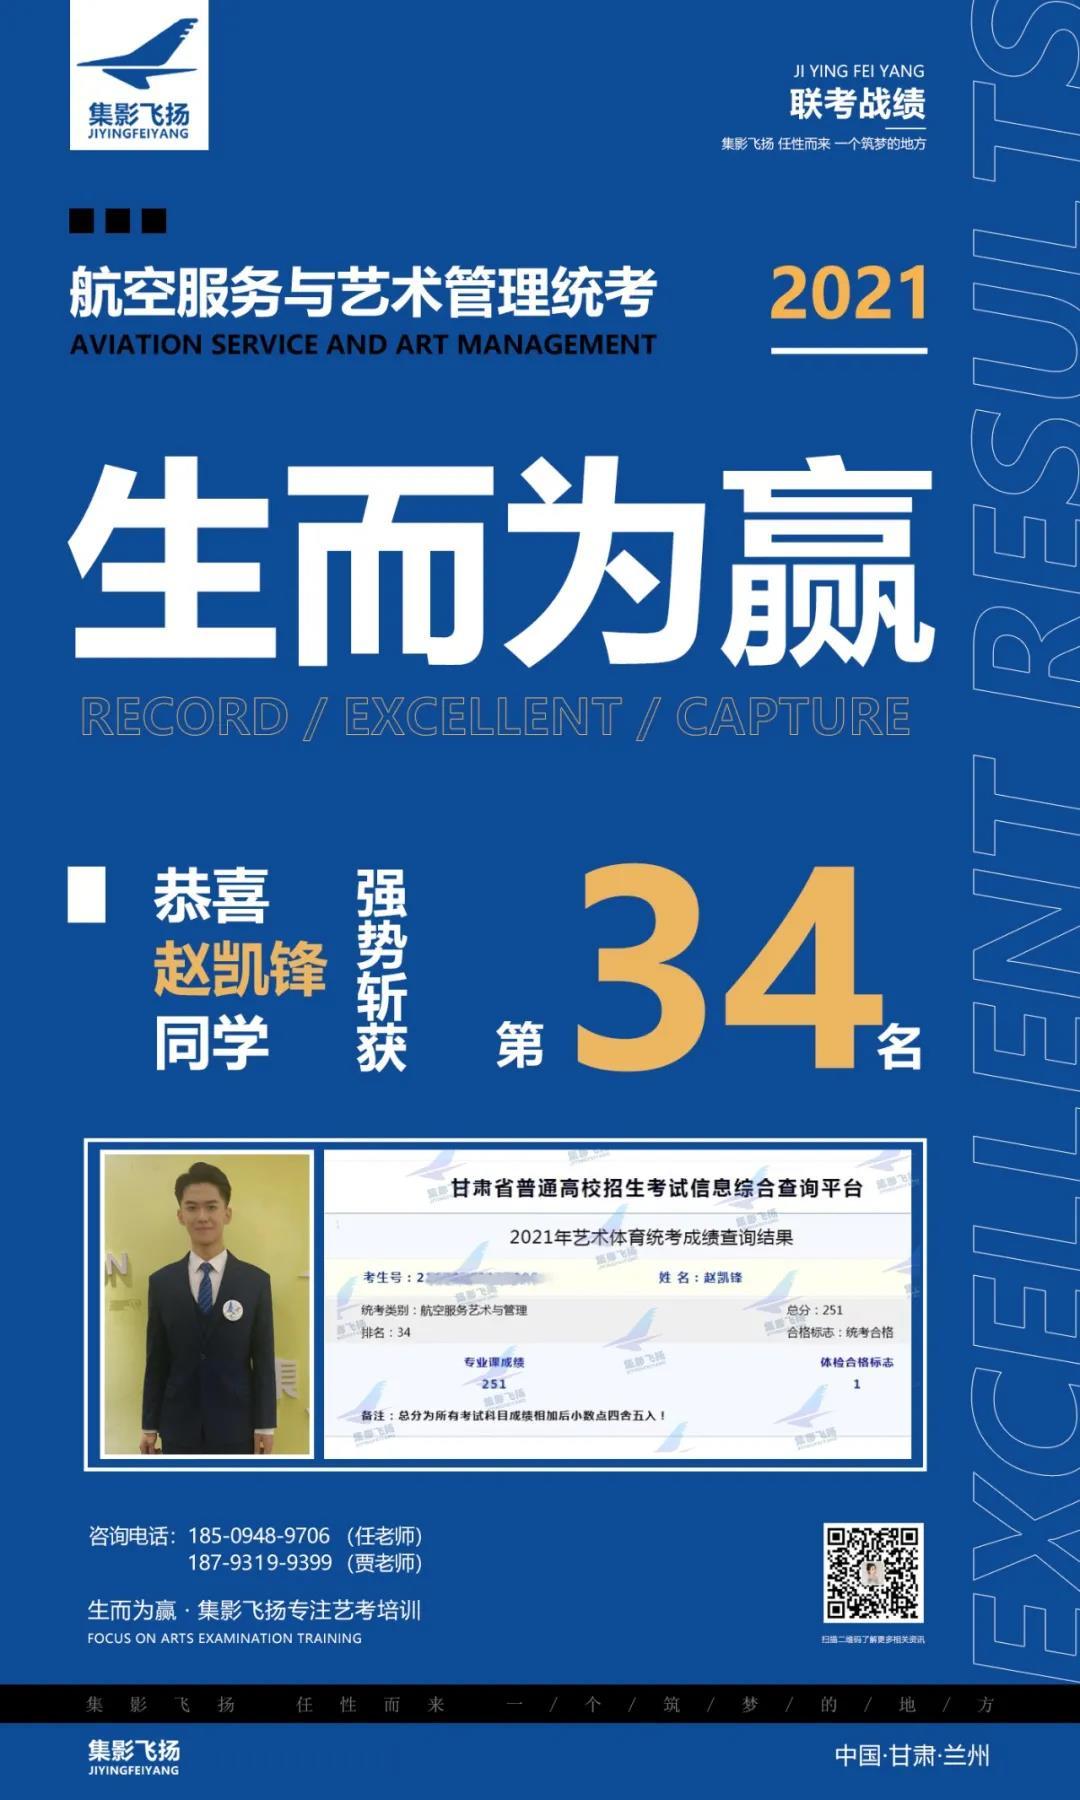 赵凯锋同学斩获航空服务与艺术管理统考第34名